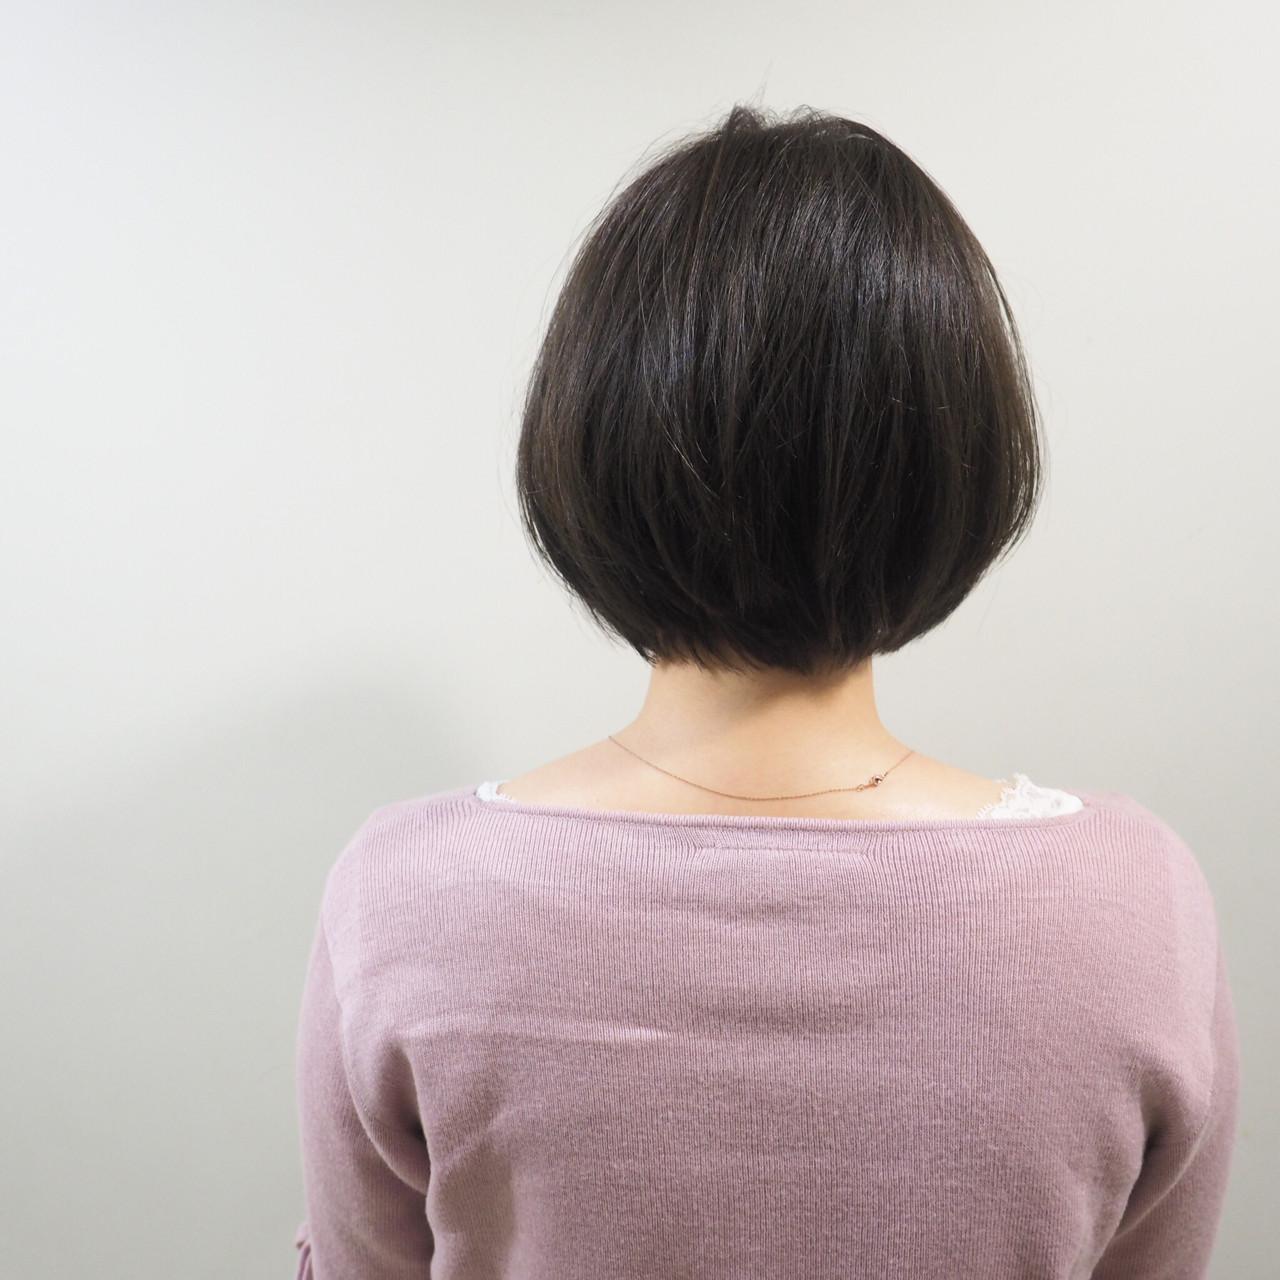 アッシュグレージュ ショート ショートボブ アッシュベージュ ヘアスタイルや髪型の写真・画像 | ゆるくしゃヘア * ナリタスミキ / hair salon lico